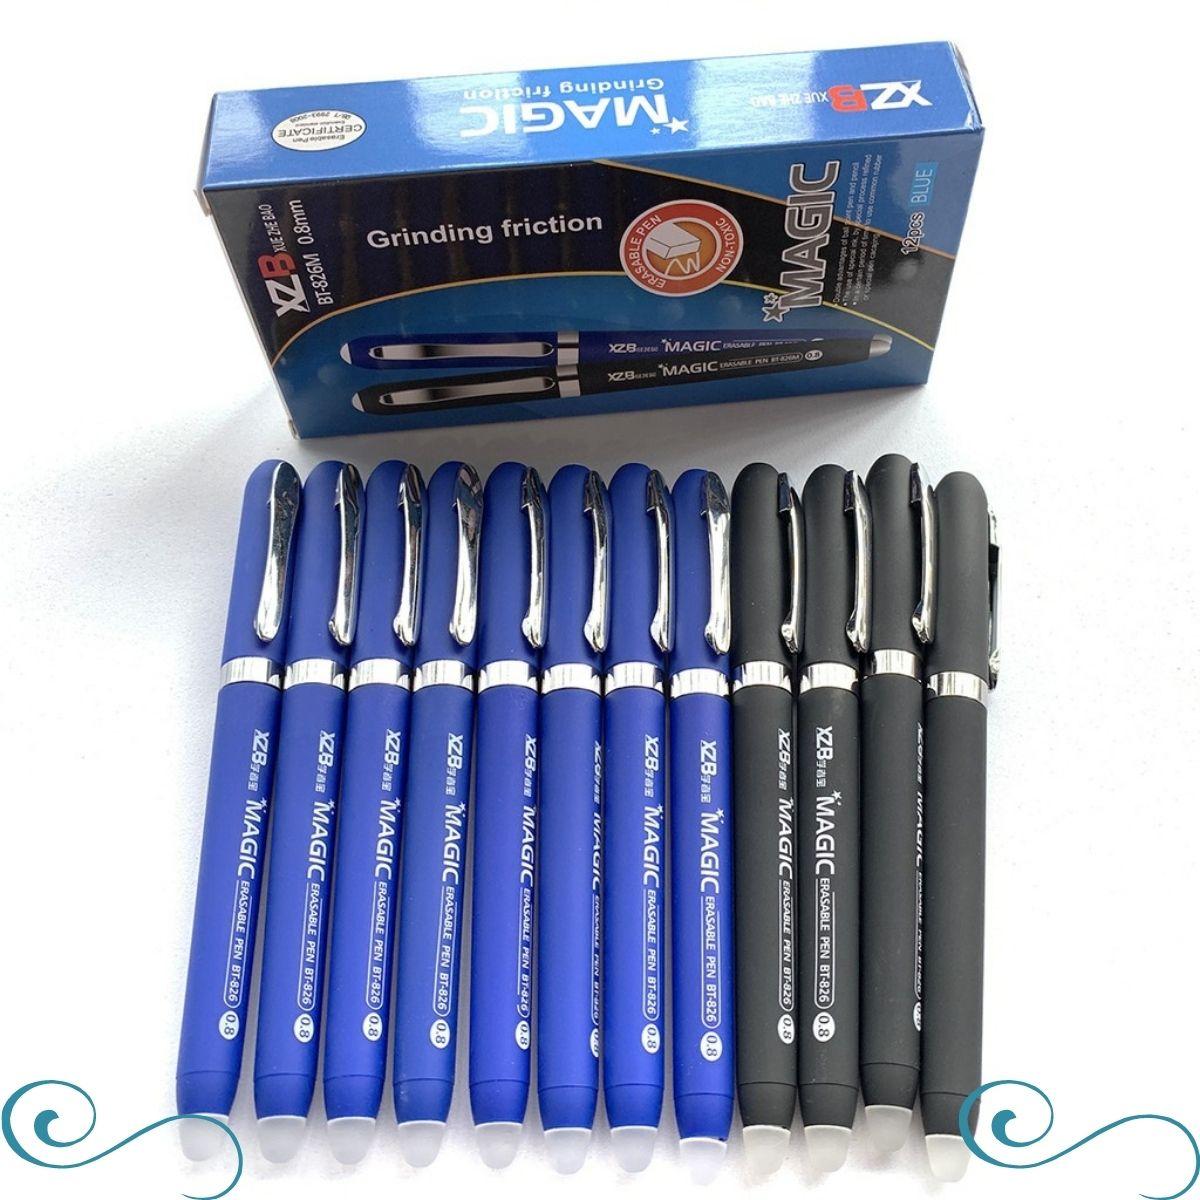 caneta que apaga caneta apagável Magic escrita 0.8 c/2